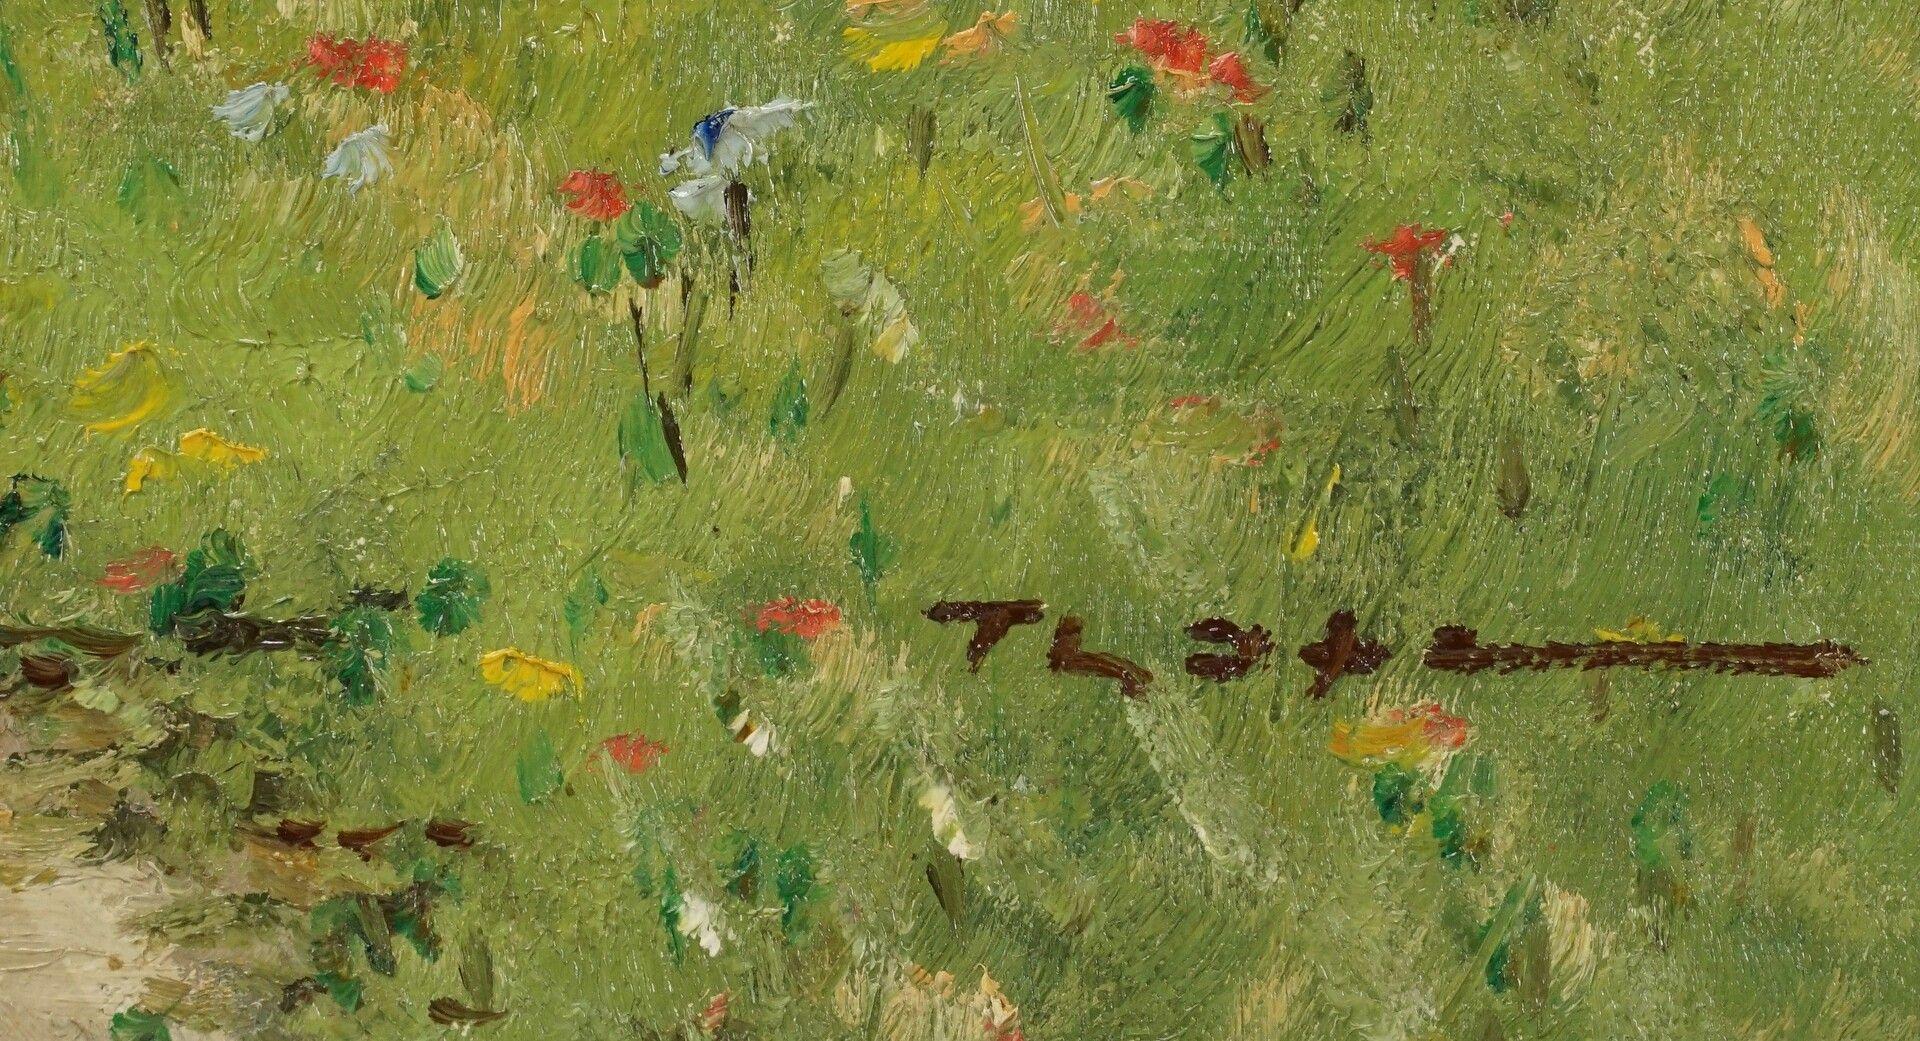 Fritz Thate, Sommerfelder - Bild 4 aus 4